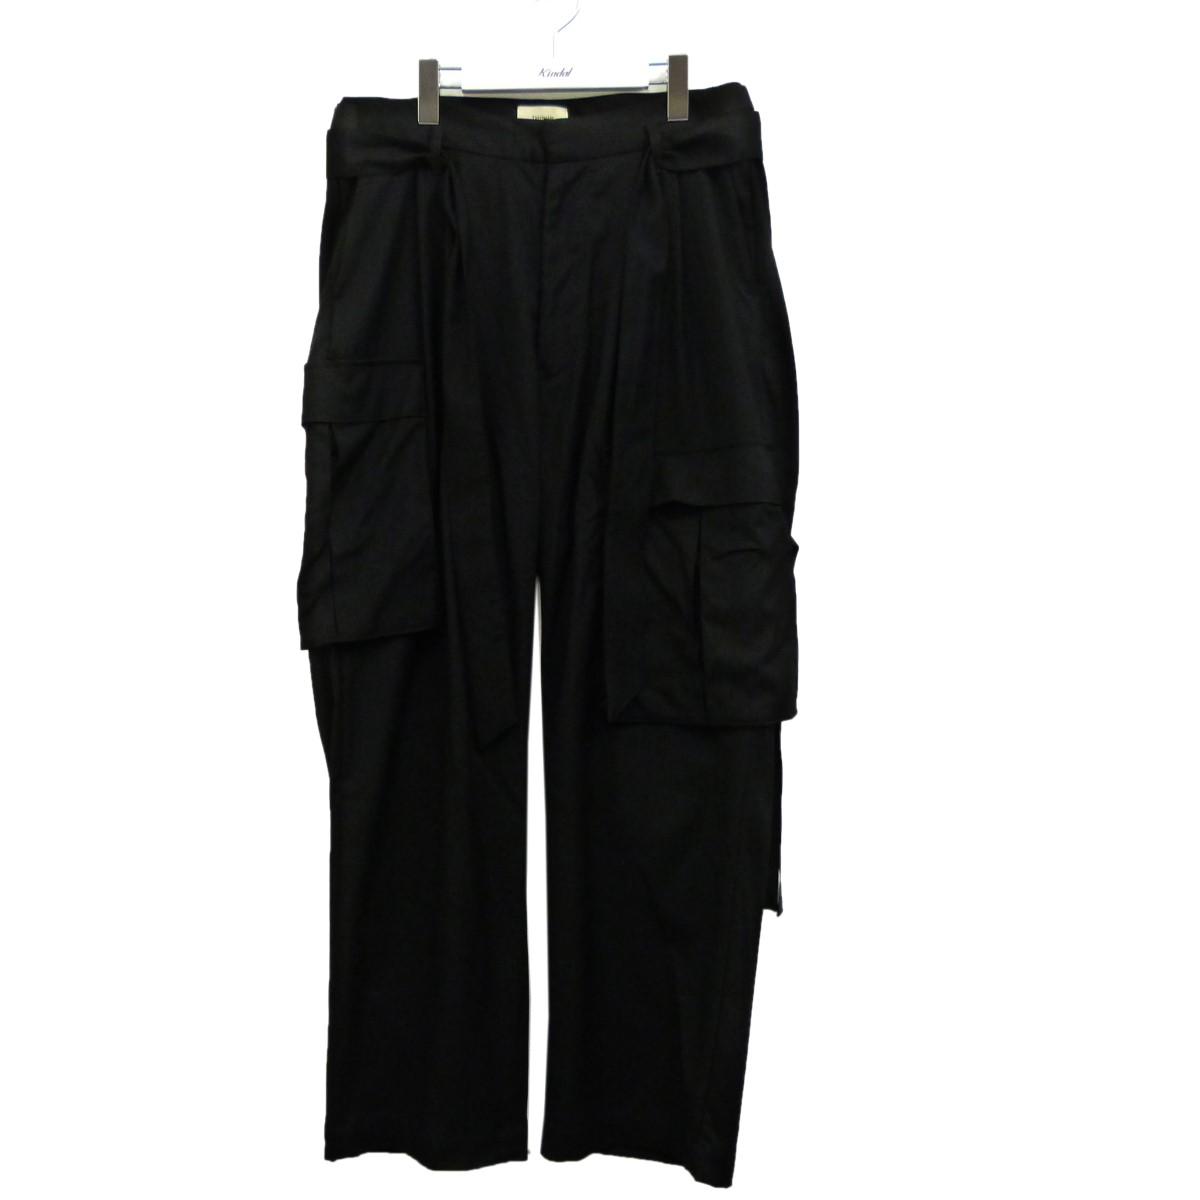 【中古】toironier カーゴパンツ ブラック サイズ:Free 【170920】(トワロニエ)